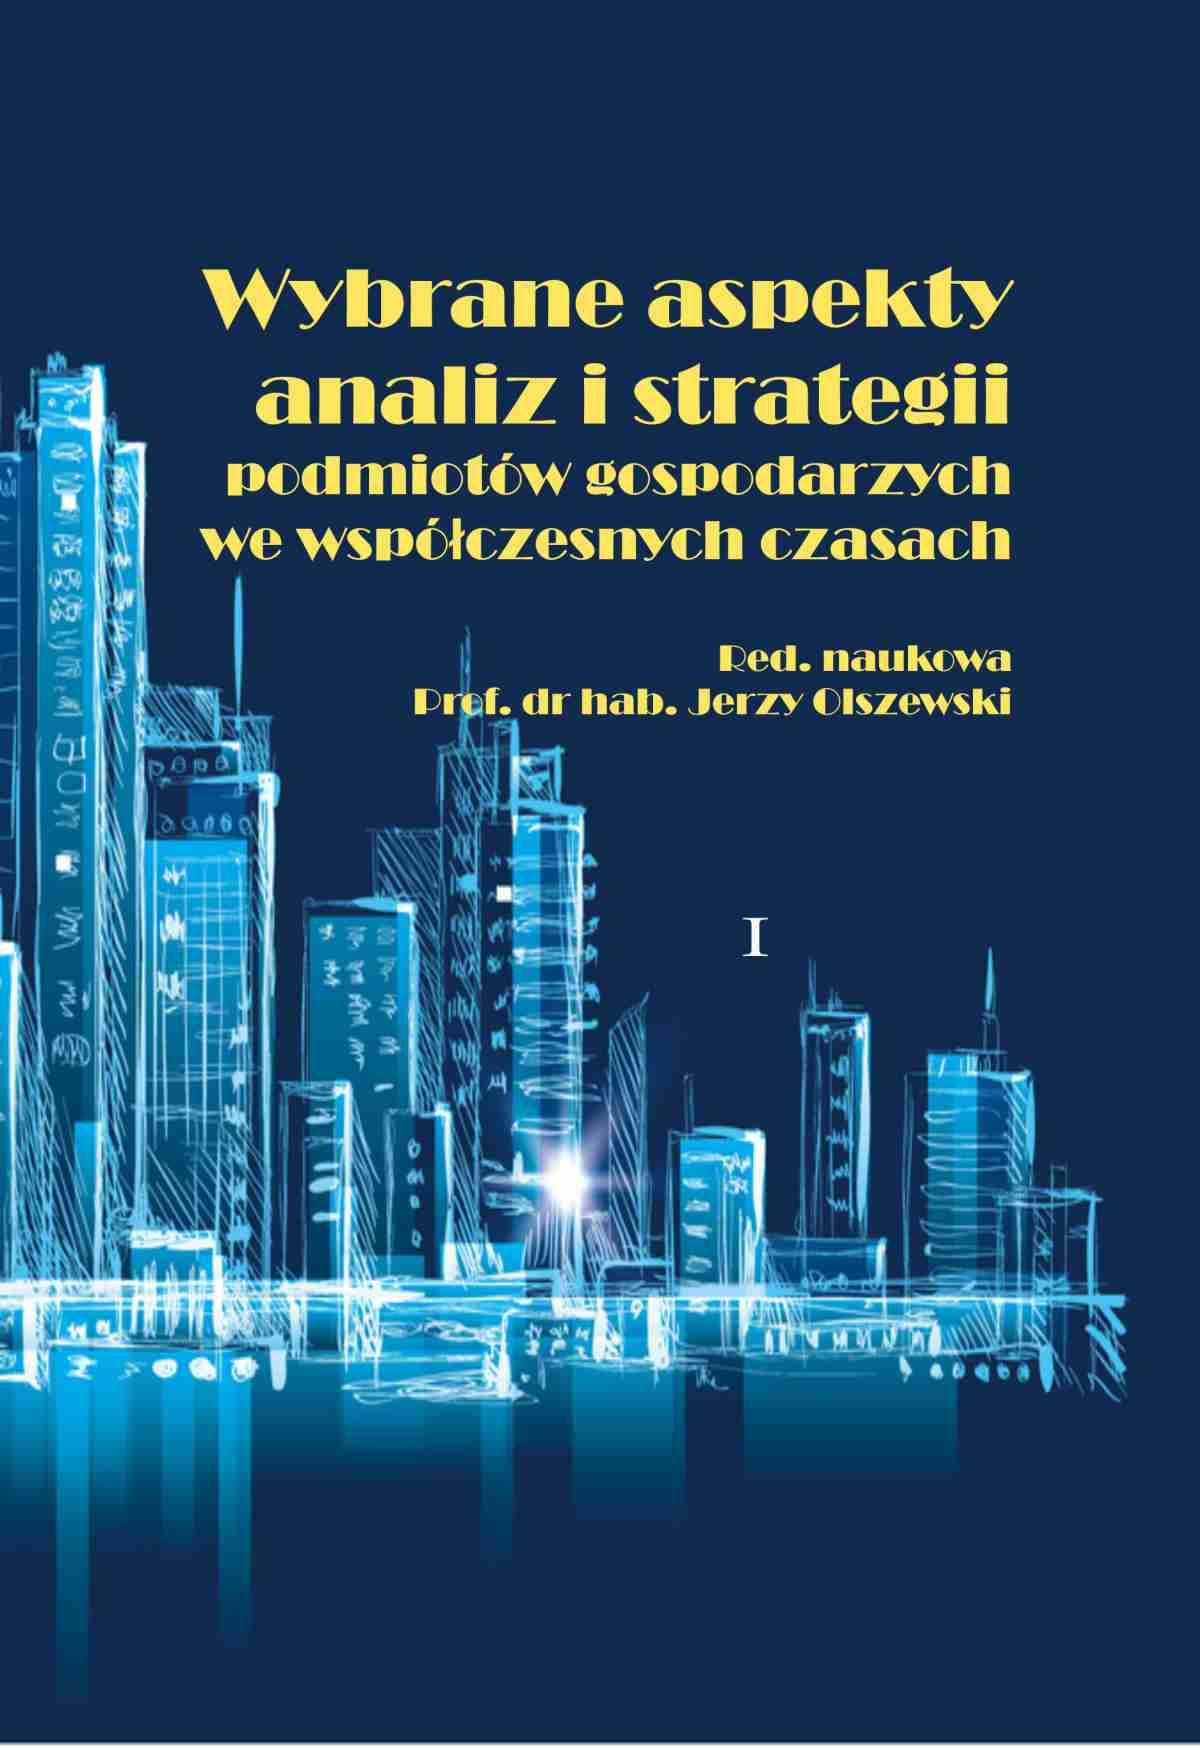 Wybrane aspekty analiz i strategii podmiotów gospodarczych we współczesnych czasach - Ebook (Książka PDF) do pobrania w formacie PDF